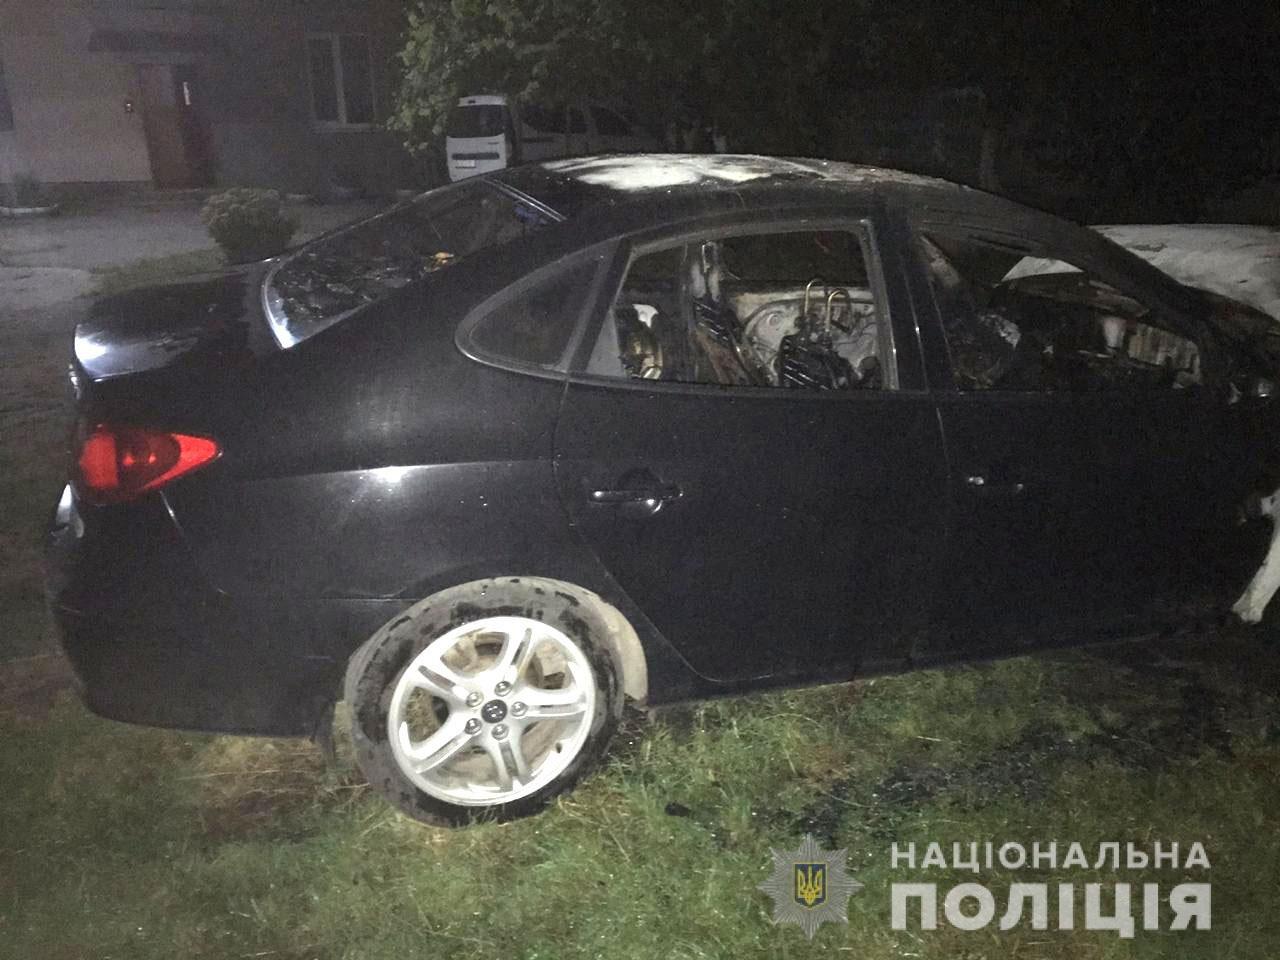 Вночі у Здолбунові невідомі підпалили іномарку: автівка згоріла повністю (ФОТО), фото-1